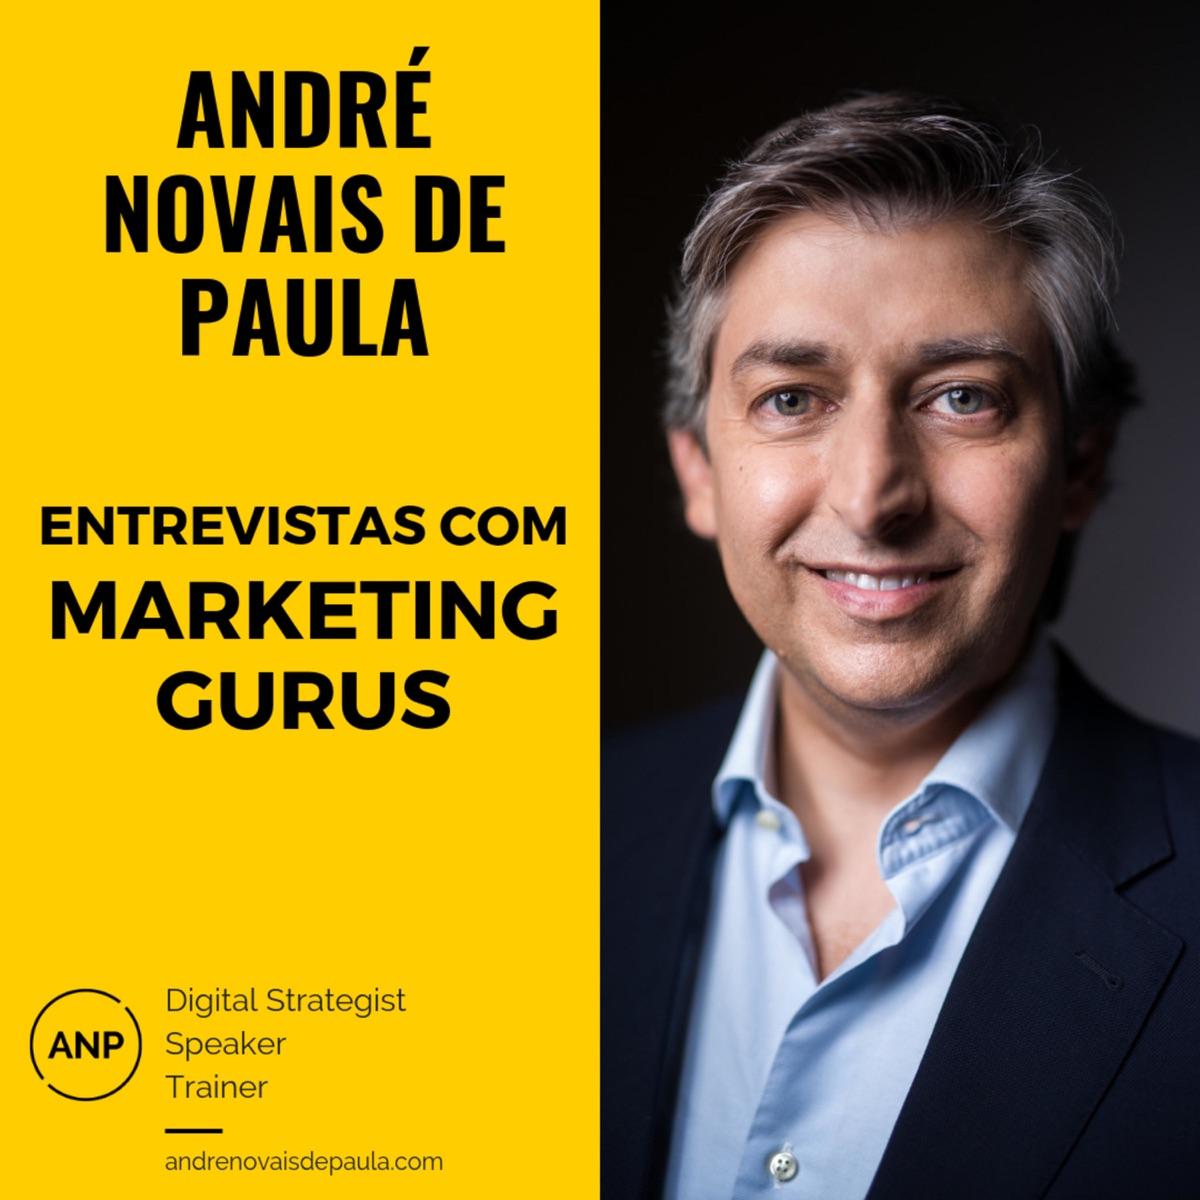 Entrevistas com Marketing Gurus by André Novais de Paula